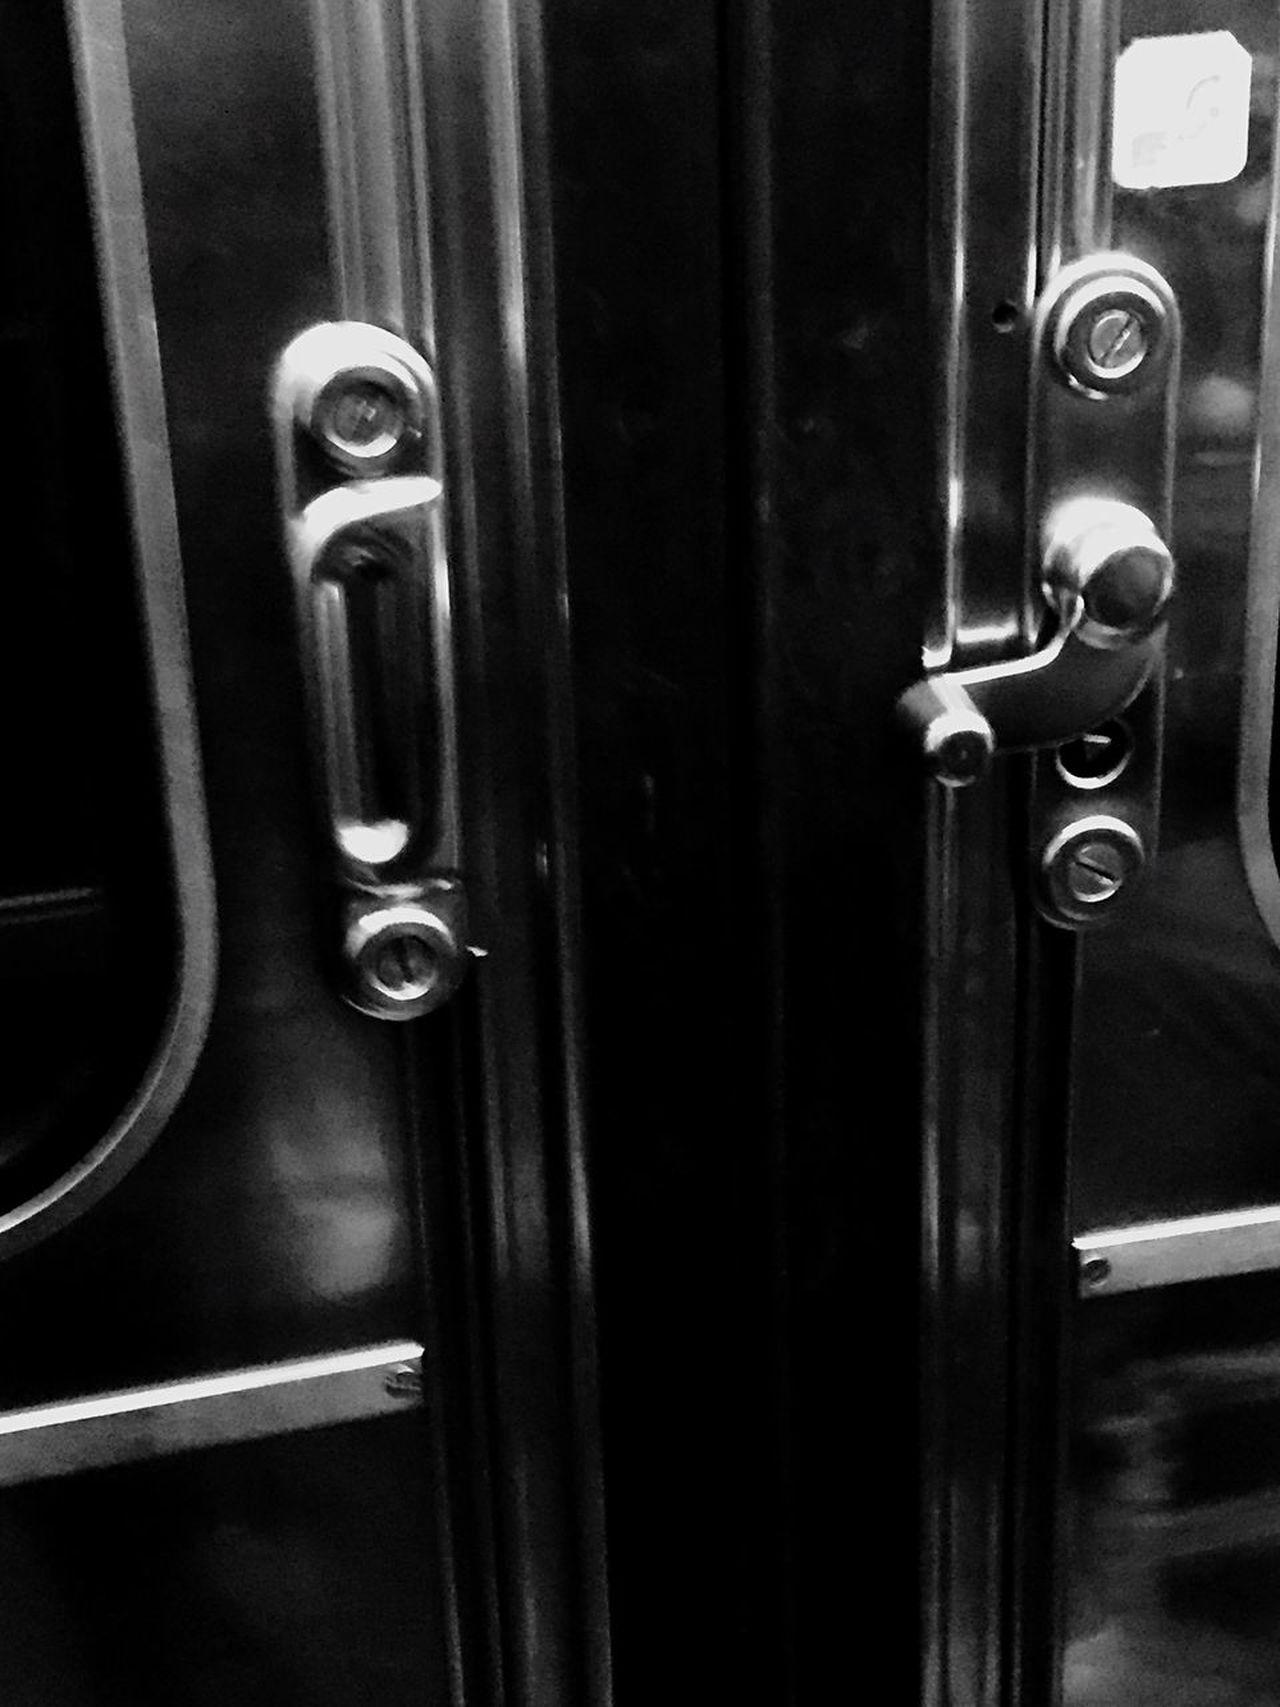 Door Opening Doors Opening Doors To Better Things Subway Door Subway Train Door Train Steel Door